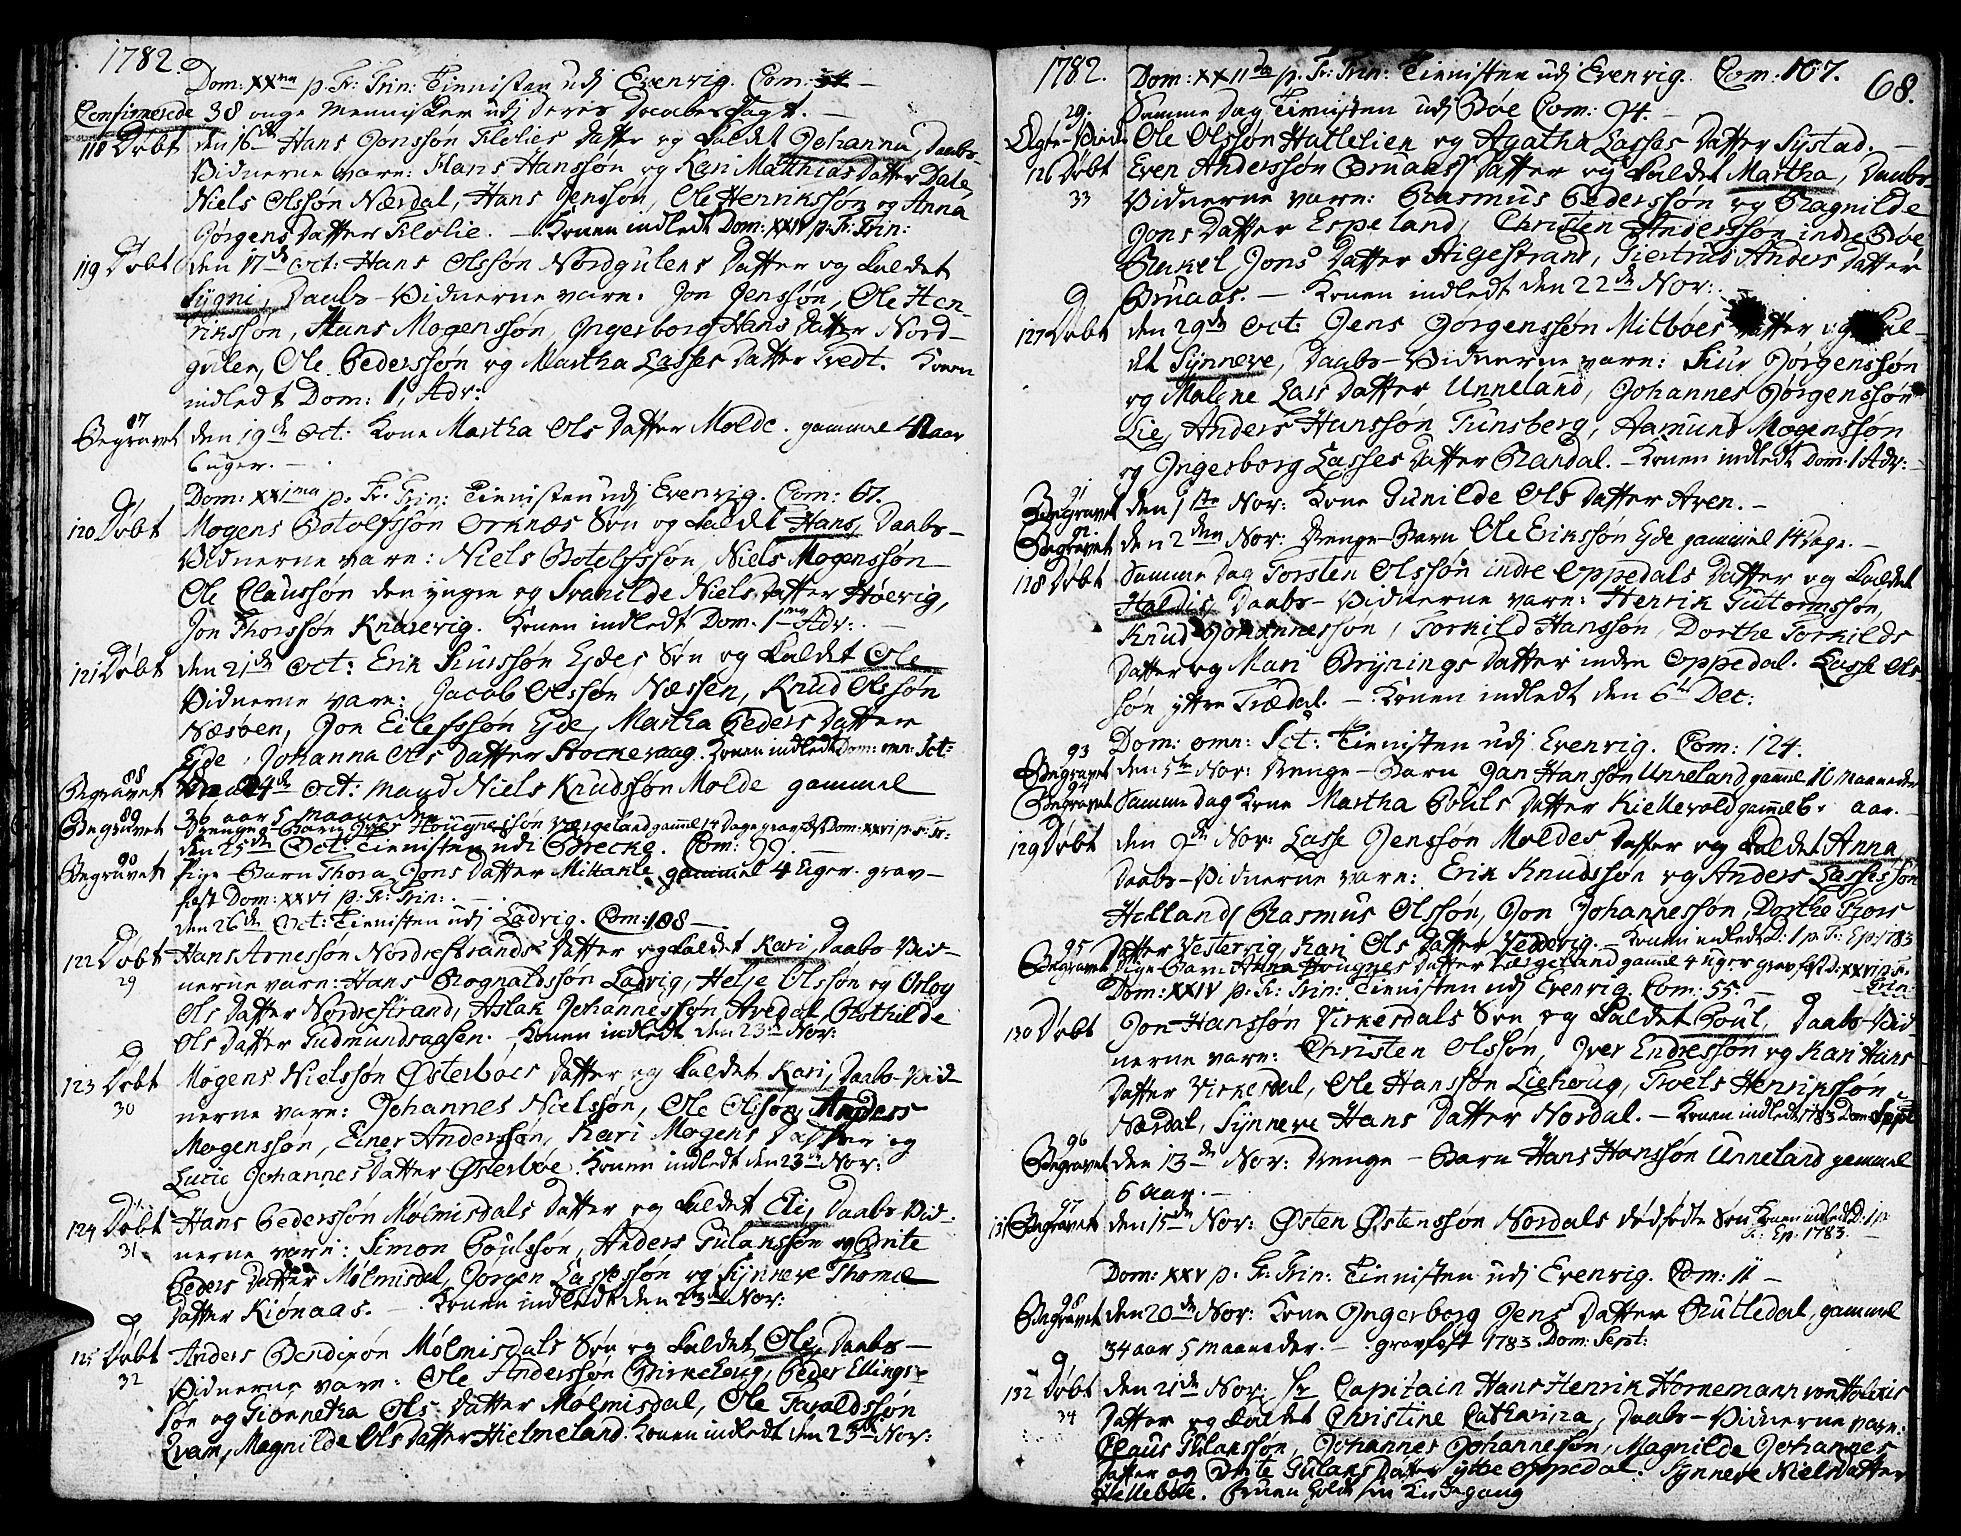 SAB, Gulen sokneprestembete, Ministerialbok nr. A 13, 1776-1787, s. 68